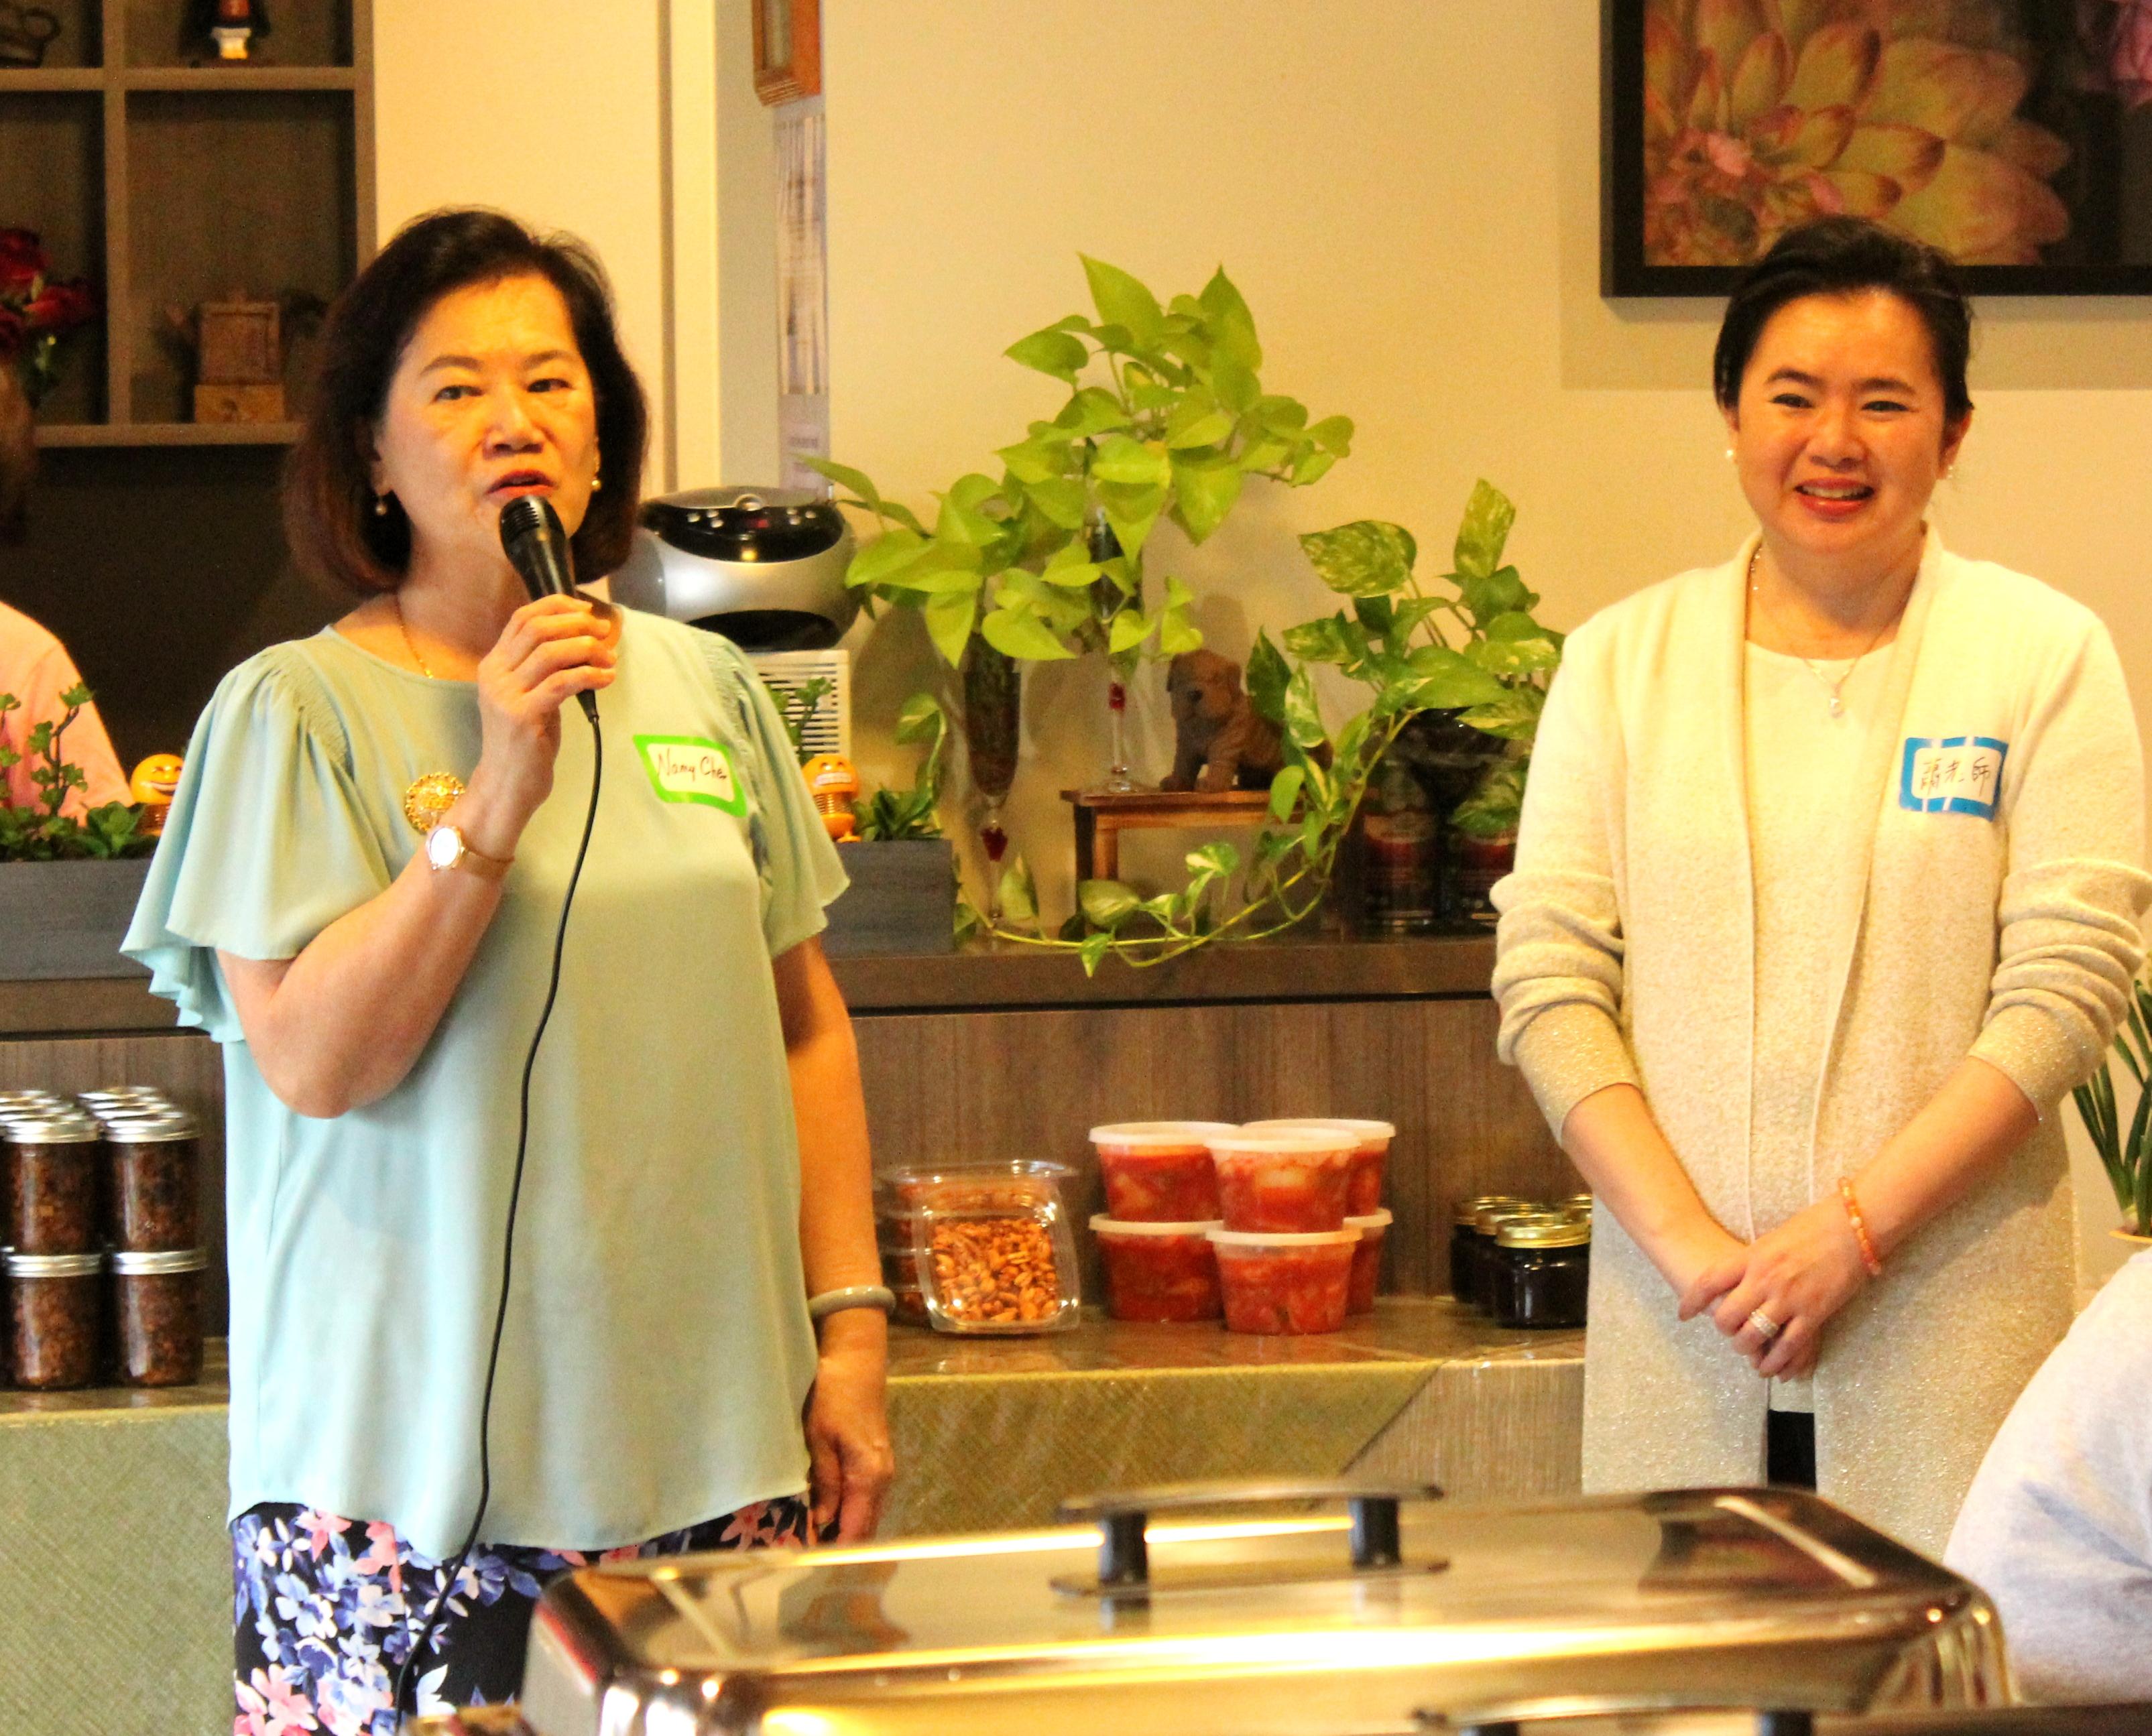 洪良冰致詞介紹當日贊助餐會的蕭瑛瑱(右)於當日加入新會員。(記者盧淑君/攝影)